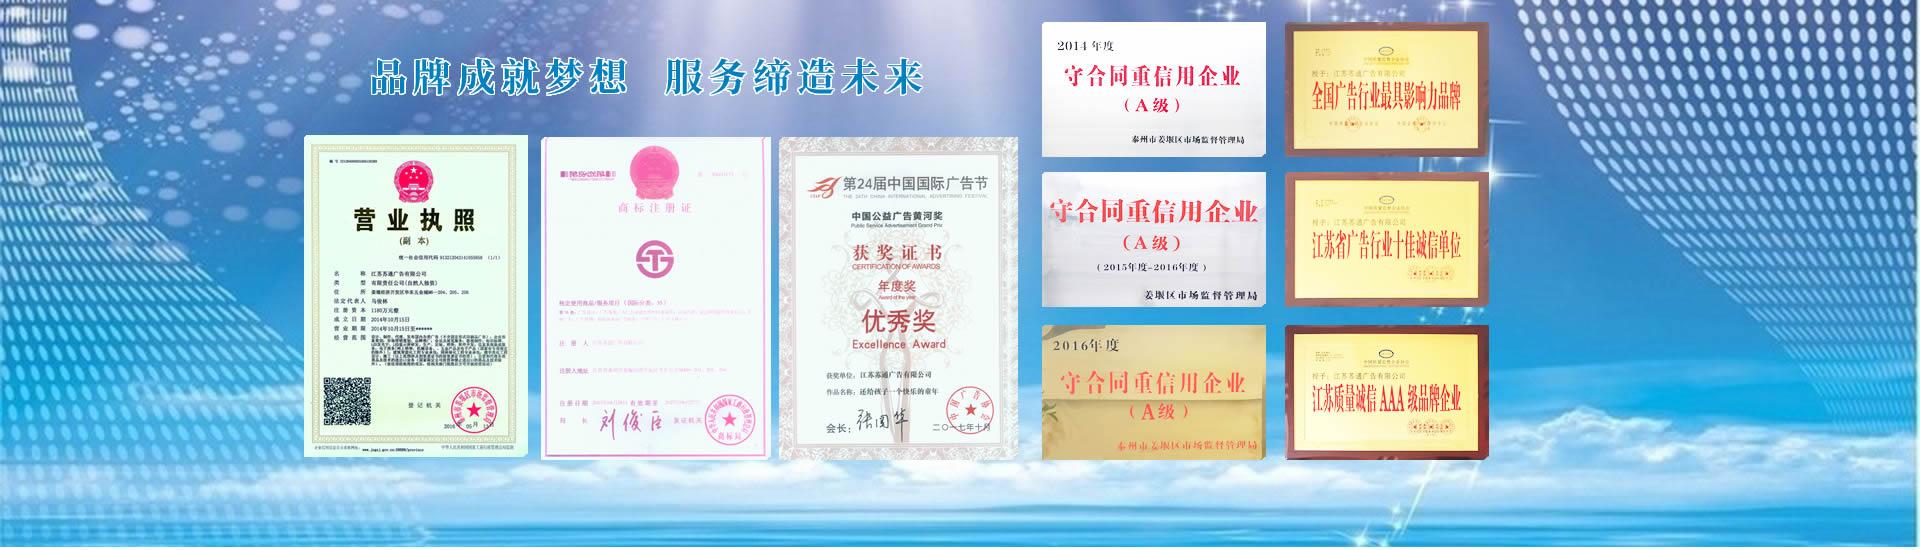 江苏苏通广告有限公司以品牌成就梦想、让服务缔造未来